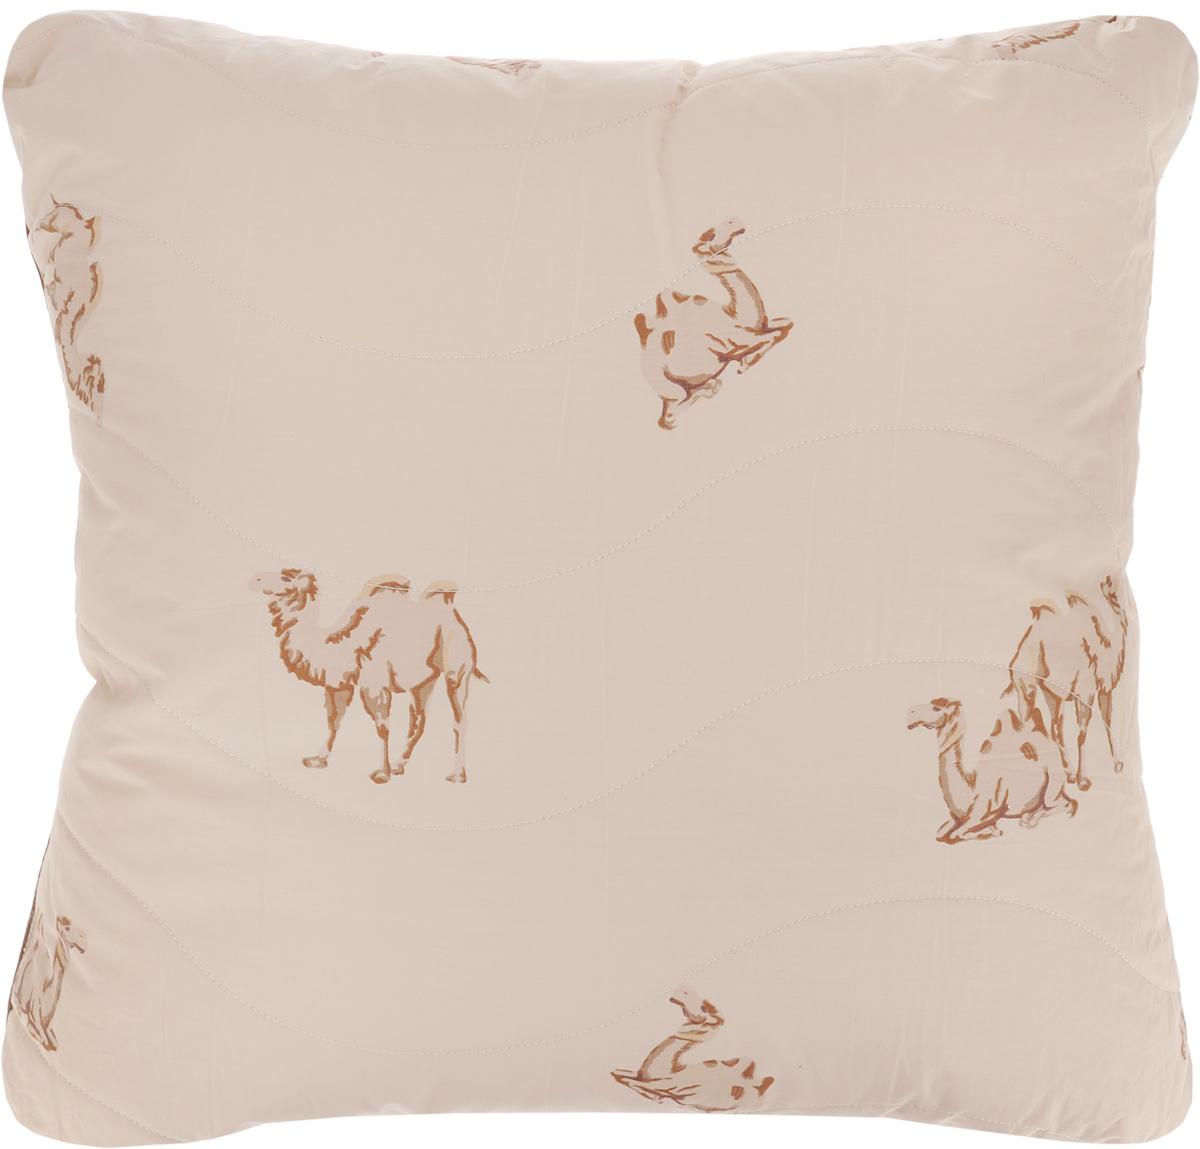 Подушка Легкие сны Верби, наполнитель: верблюжья шерсть, 68 х 68 см77(30)02-ВШПодушка Легкие сны Верби поможет расслабиться, снимет усталость и подарит вам спокойный и здоровый сон. Изделие обеспечит комфортную поддержку головы и шеи во время сна. Верблюжья шерсть является прекрасным изолятором и широко используется как наполнитель для постельных принадлежностей. Шерсть обладает отличными согревающими свойствами и способна быстро поглощать влагу, поэтому производимое верблюжьей шерстью целебное тепло называют сухим. Чехол подушки выполнен из прочного тика с рисунком в виде верблюдов. Это натуральная хлопчатобумажная ткань, отличающаяся высокой плотностью, она устойчива к проколам и разрывам, а также отличается долговечностью в использовании. Чехол приятен к телу и надежно удерживает наполнитель внутри подушки. По краю подушки выполнена отделка атласным кантом коричневого цвета. Рекомендуется химчистка. Степень поддержки: средняя.